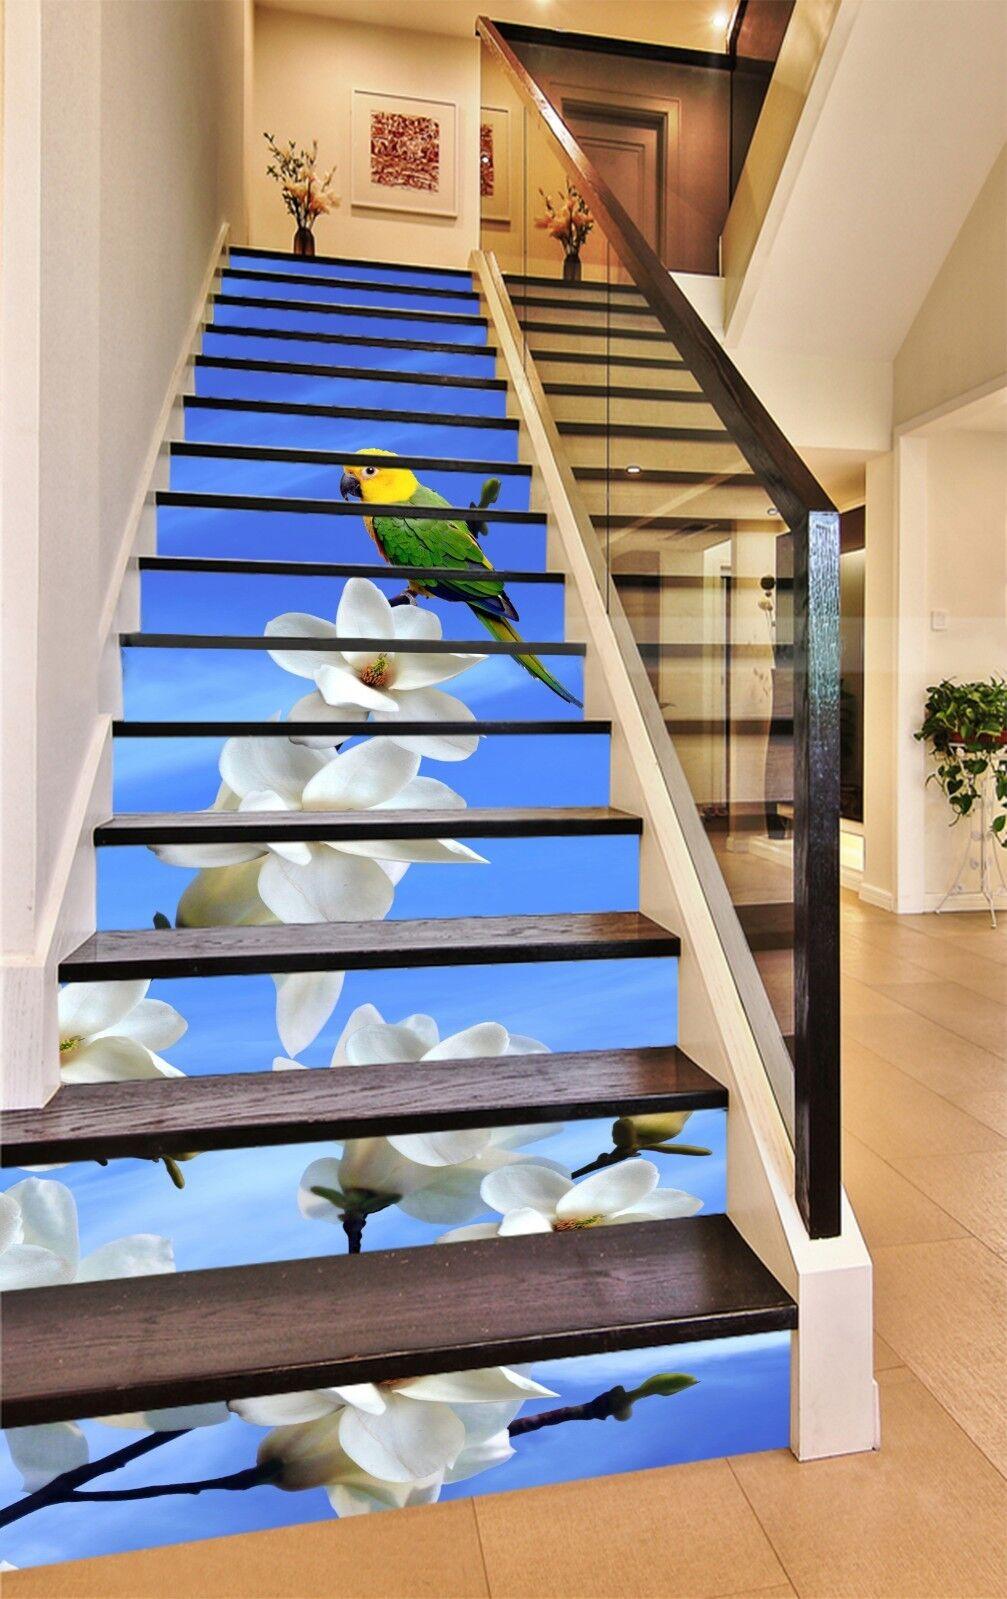 3D Flower bird 38 Stair Risers Decoration Photo Mural Vinyl Decal WandPapier UK